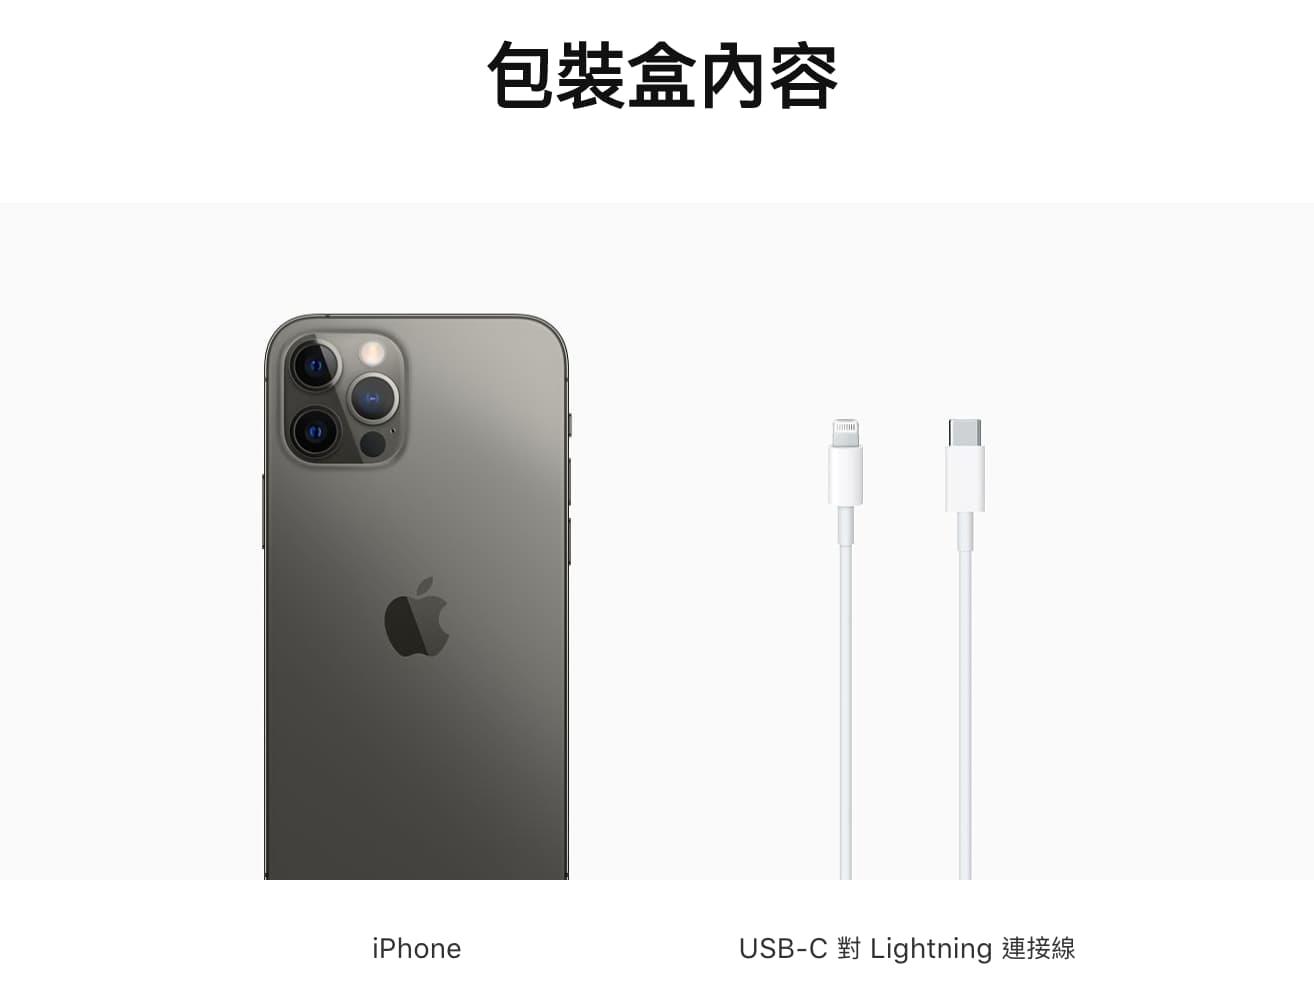 蘋果宣布從 iPhone 12 系列起不再贈送充電器、有線耳機1